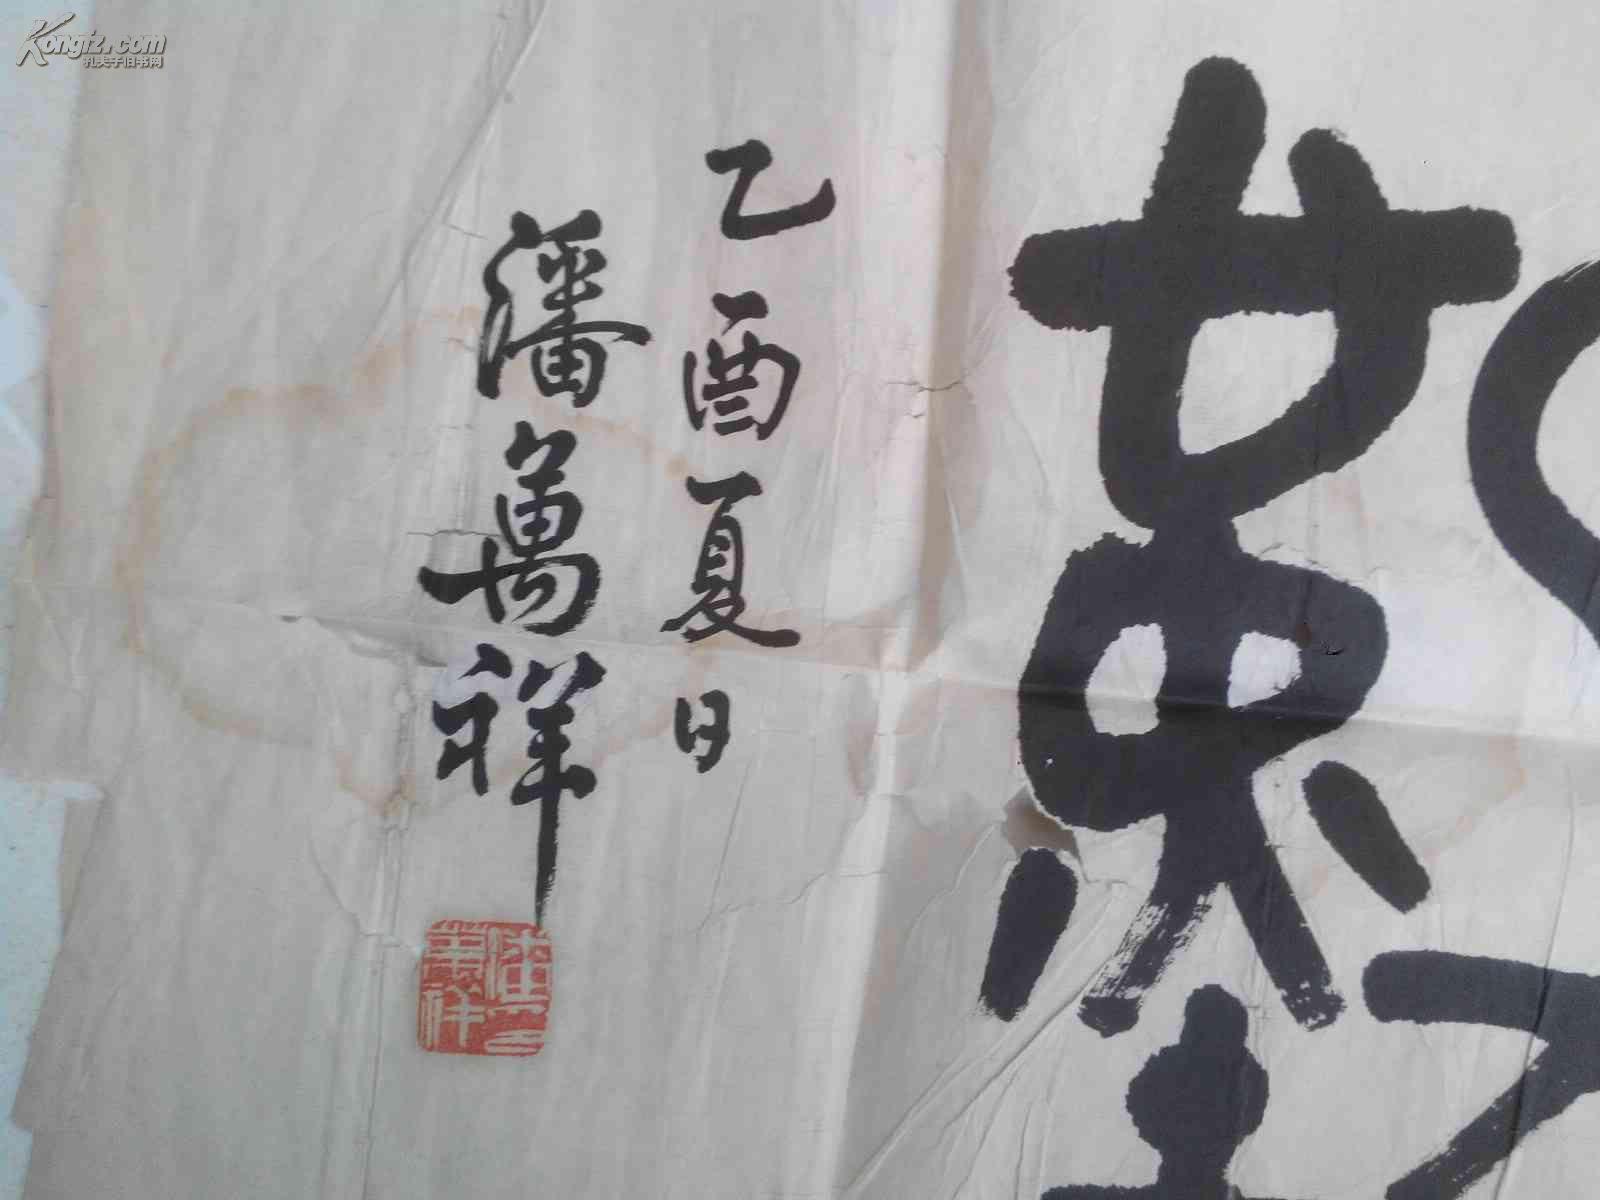 """【图】安徽书画家潘万祥篆书""""天道酬勤""""一幅图片"""